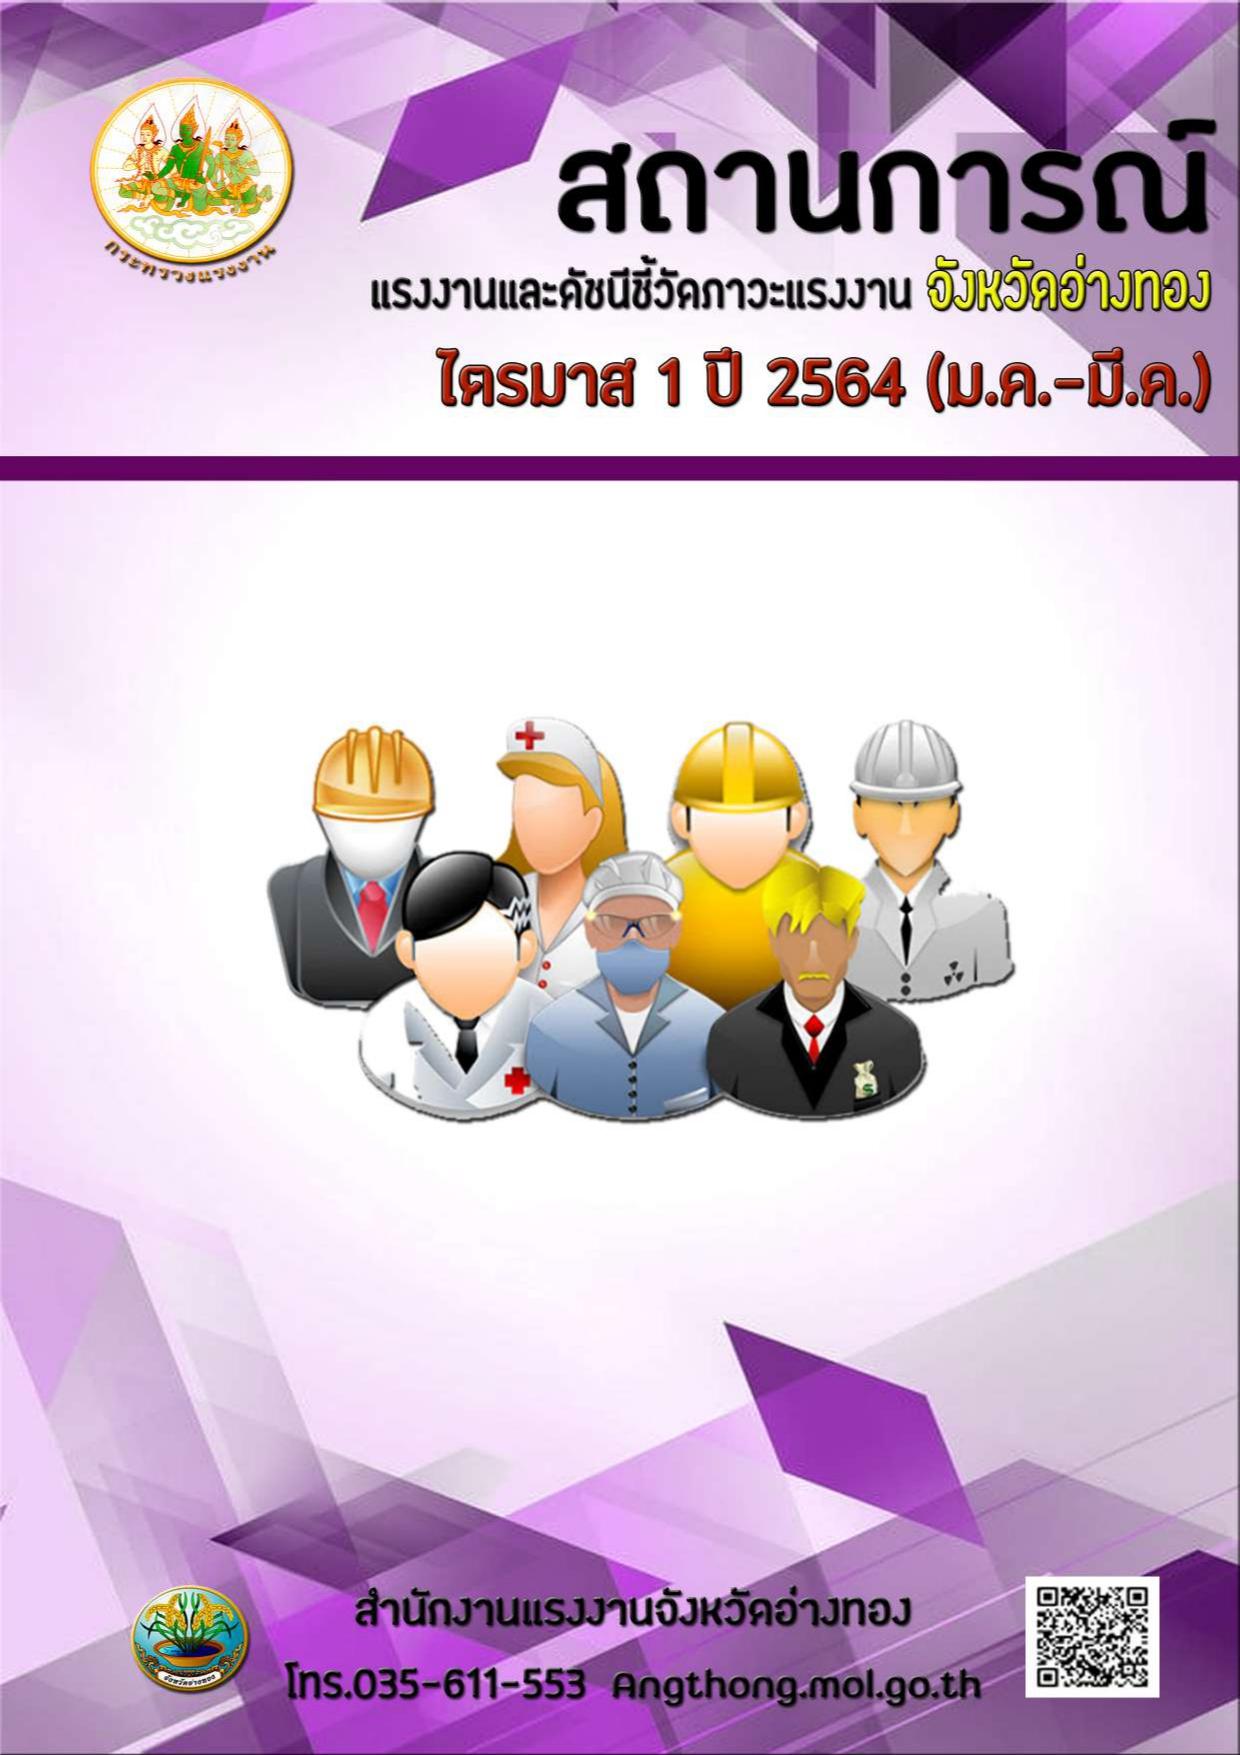 รายงานสถานการณ์และดัชนีชี้วัดภาวะแรงงานไตรมาส 1 ปี 2564